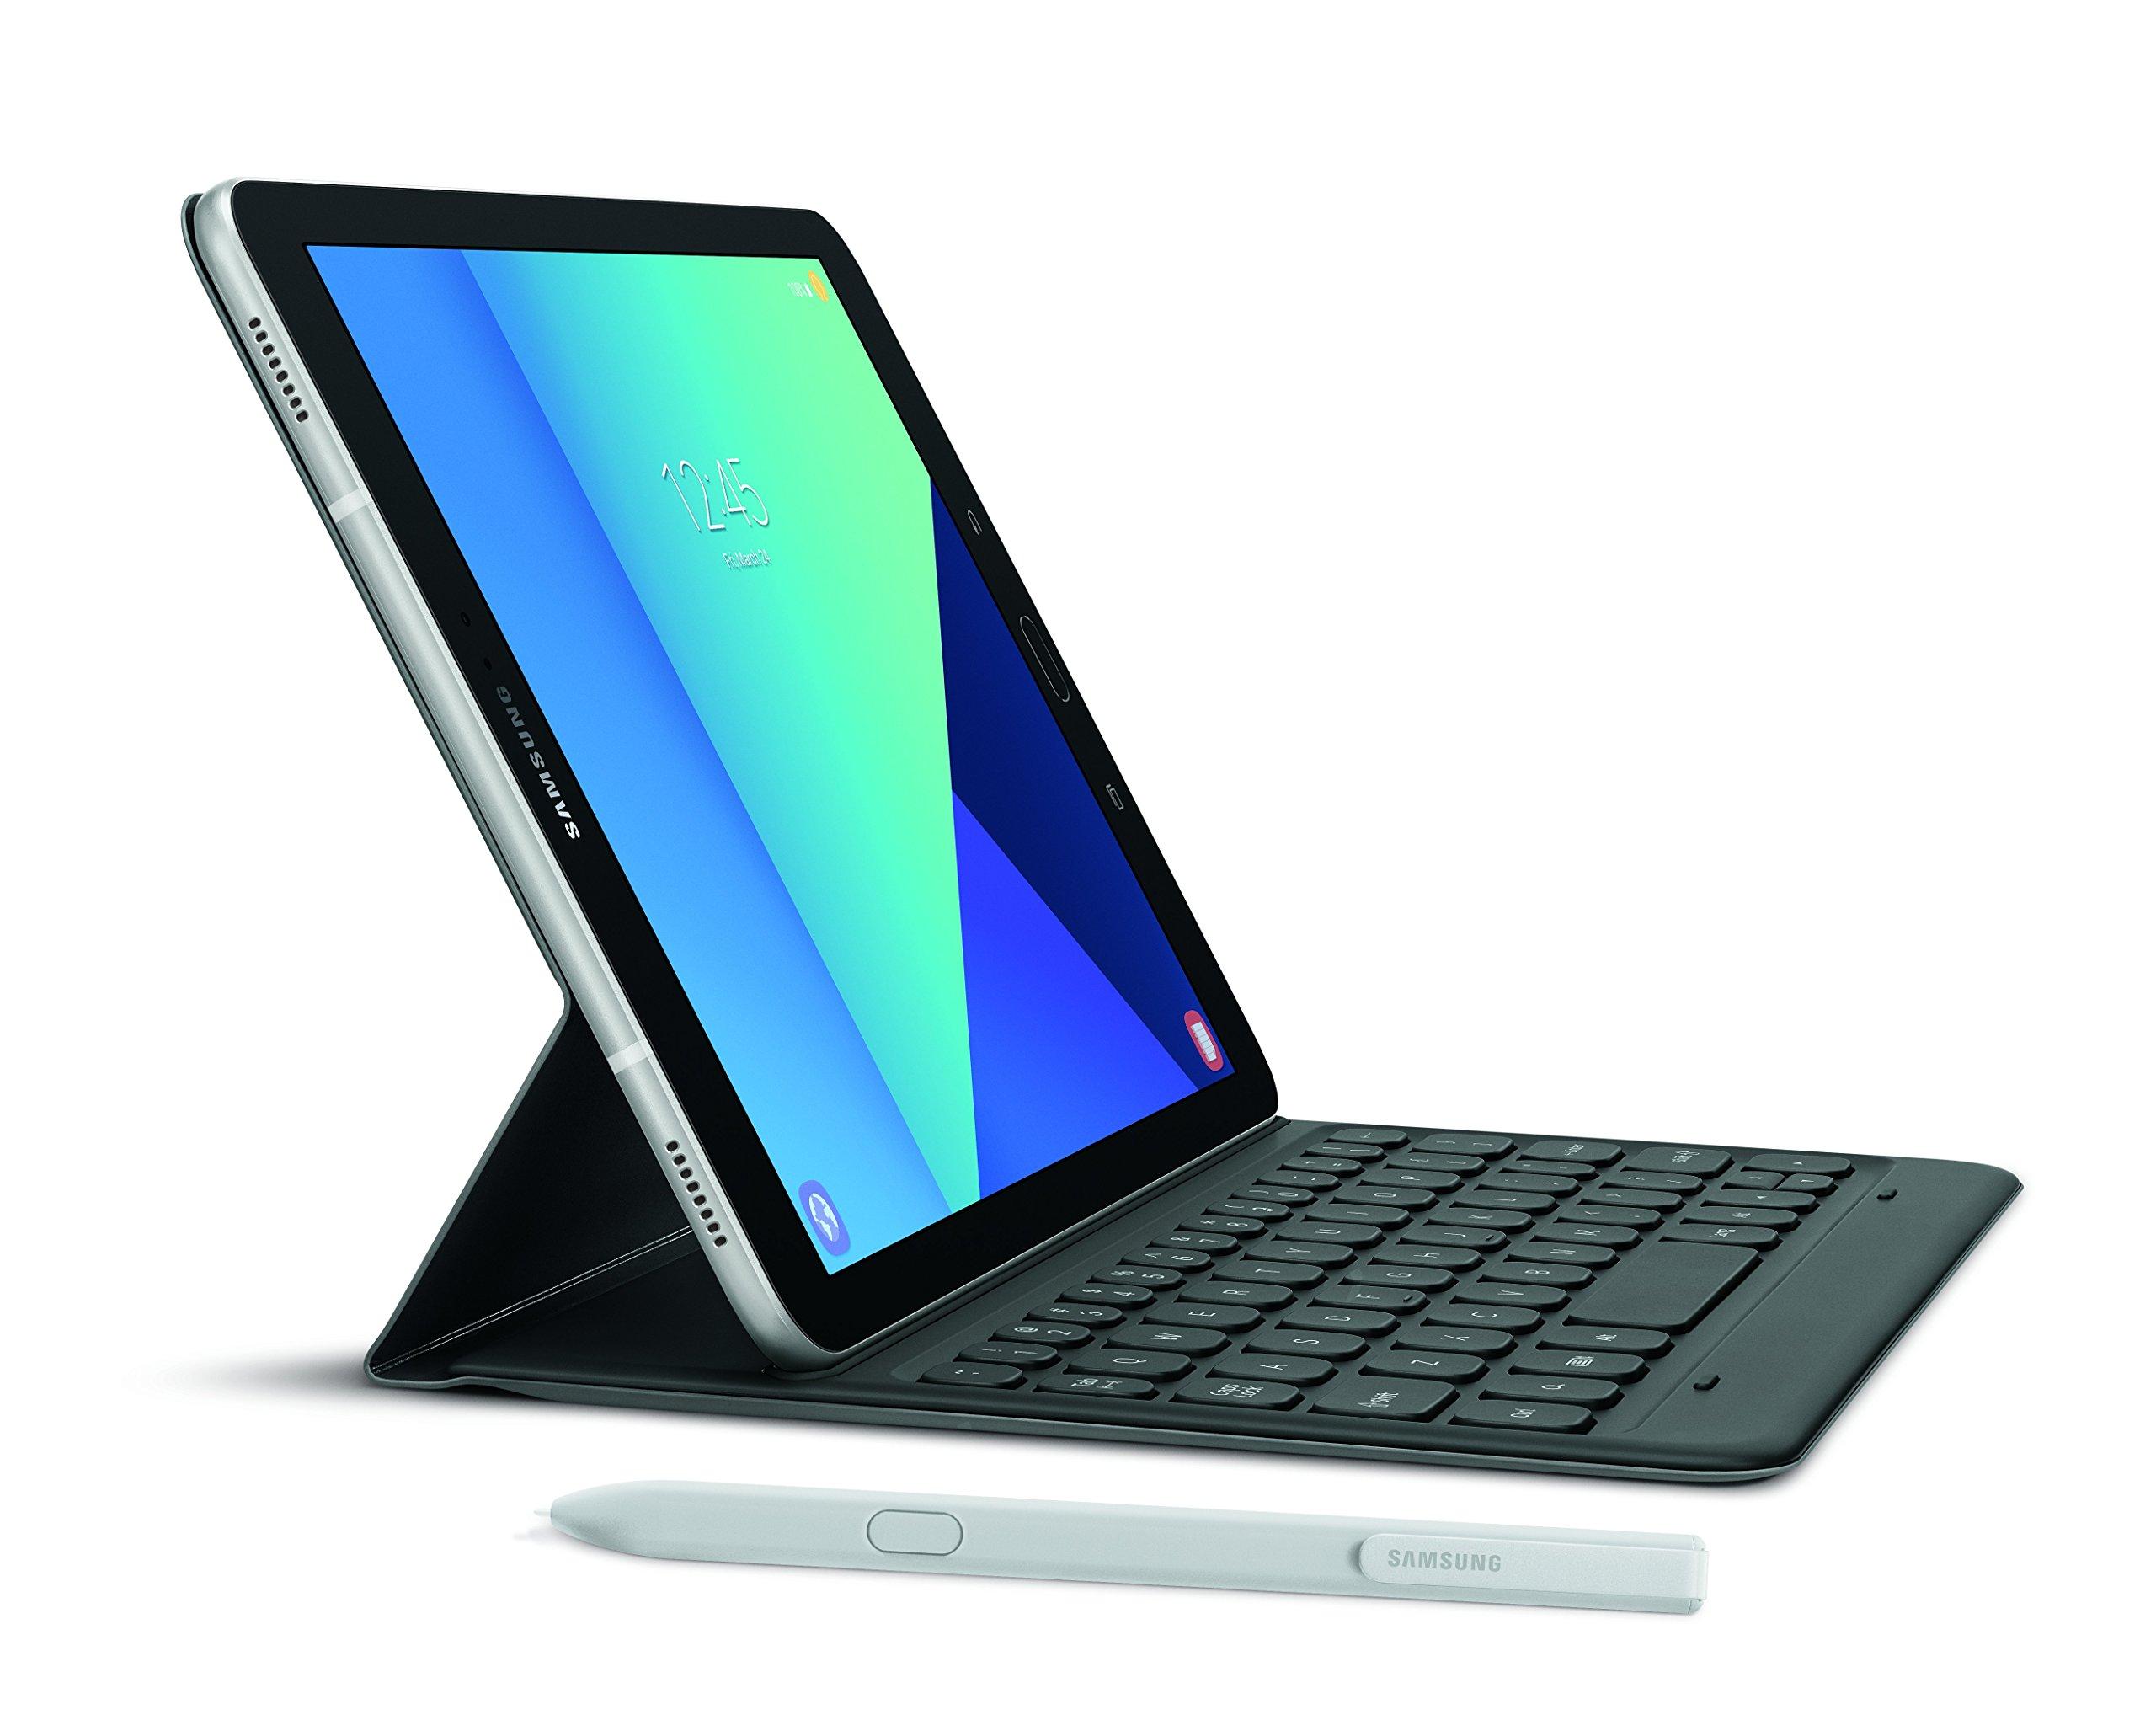 Samsung Galaxy Tab S3 9.7-Inch, 32GB Tablet (Silver, SM-T820NZSAXAR) by Samsung (Image #1)